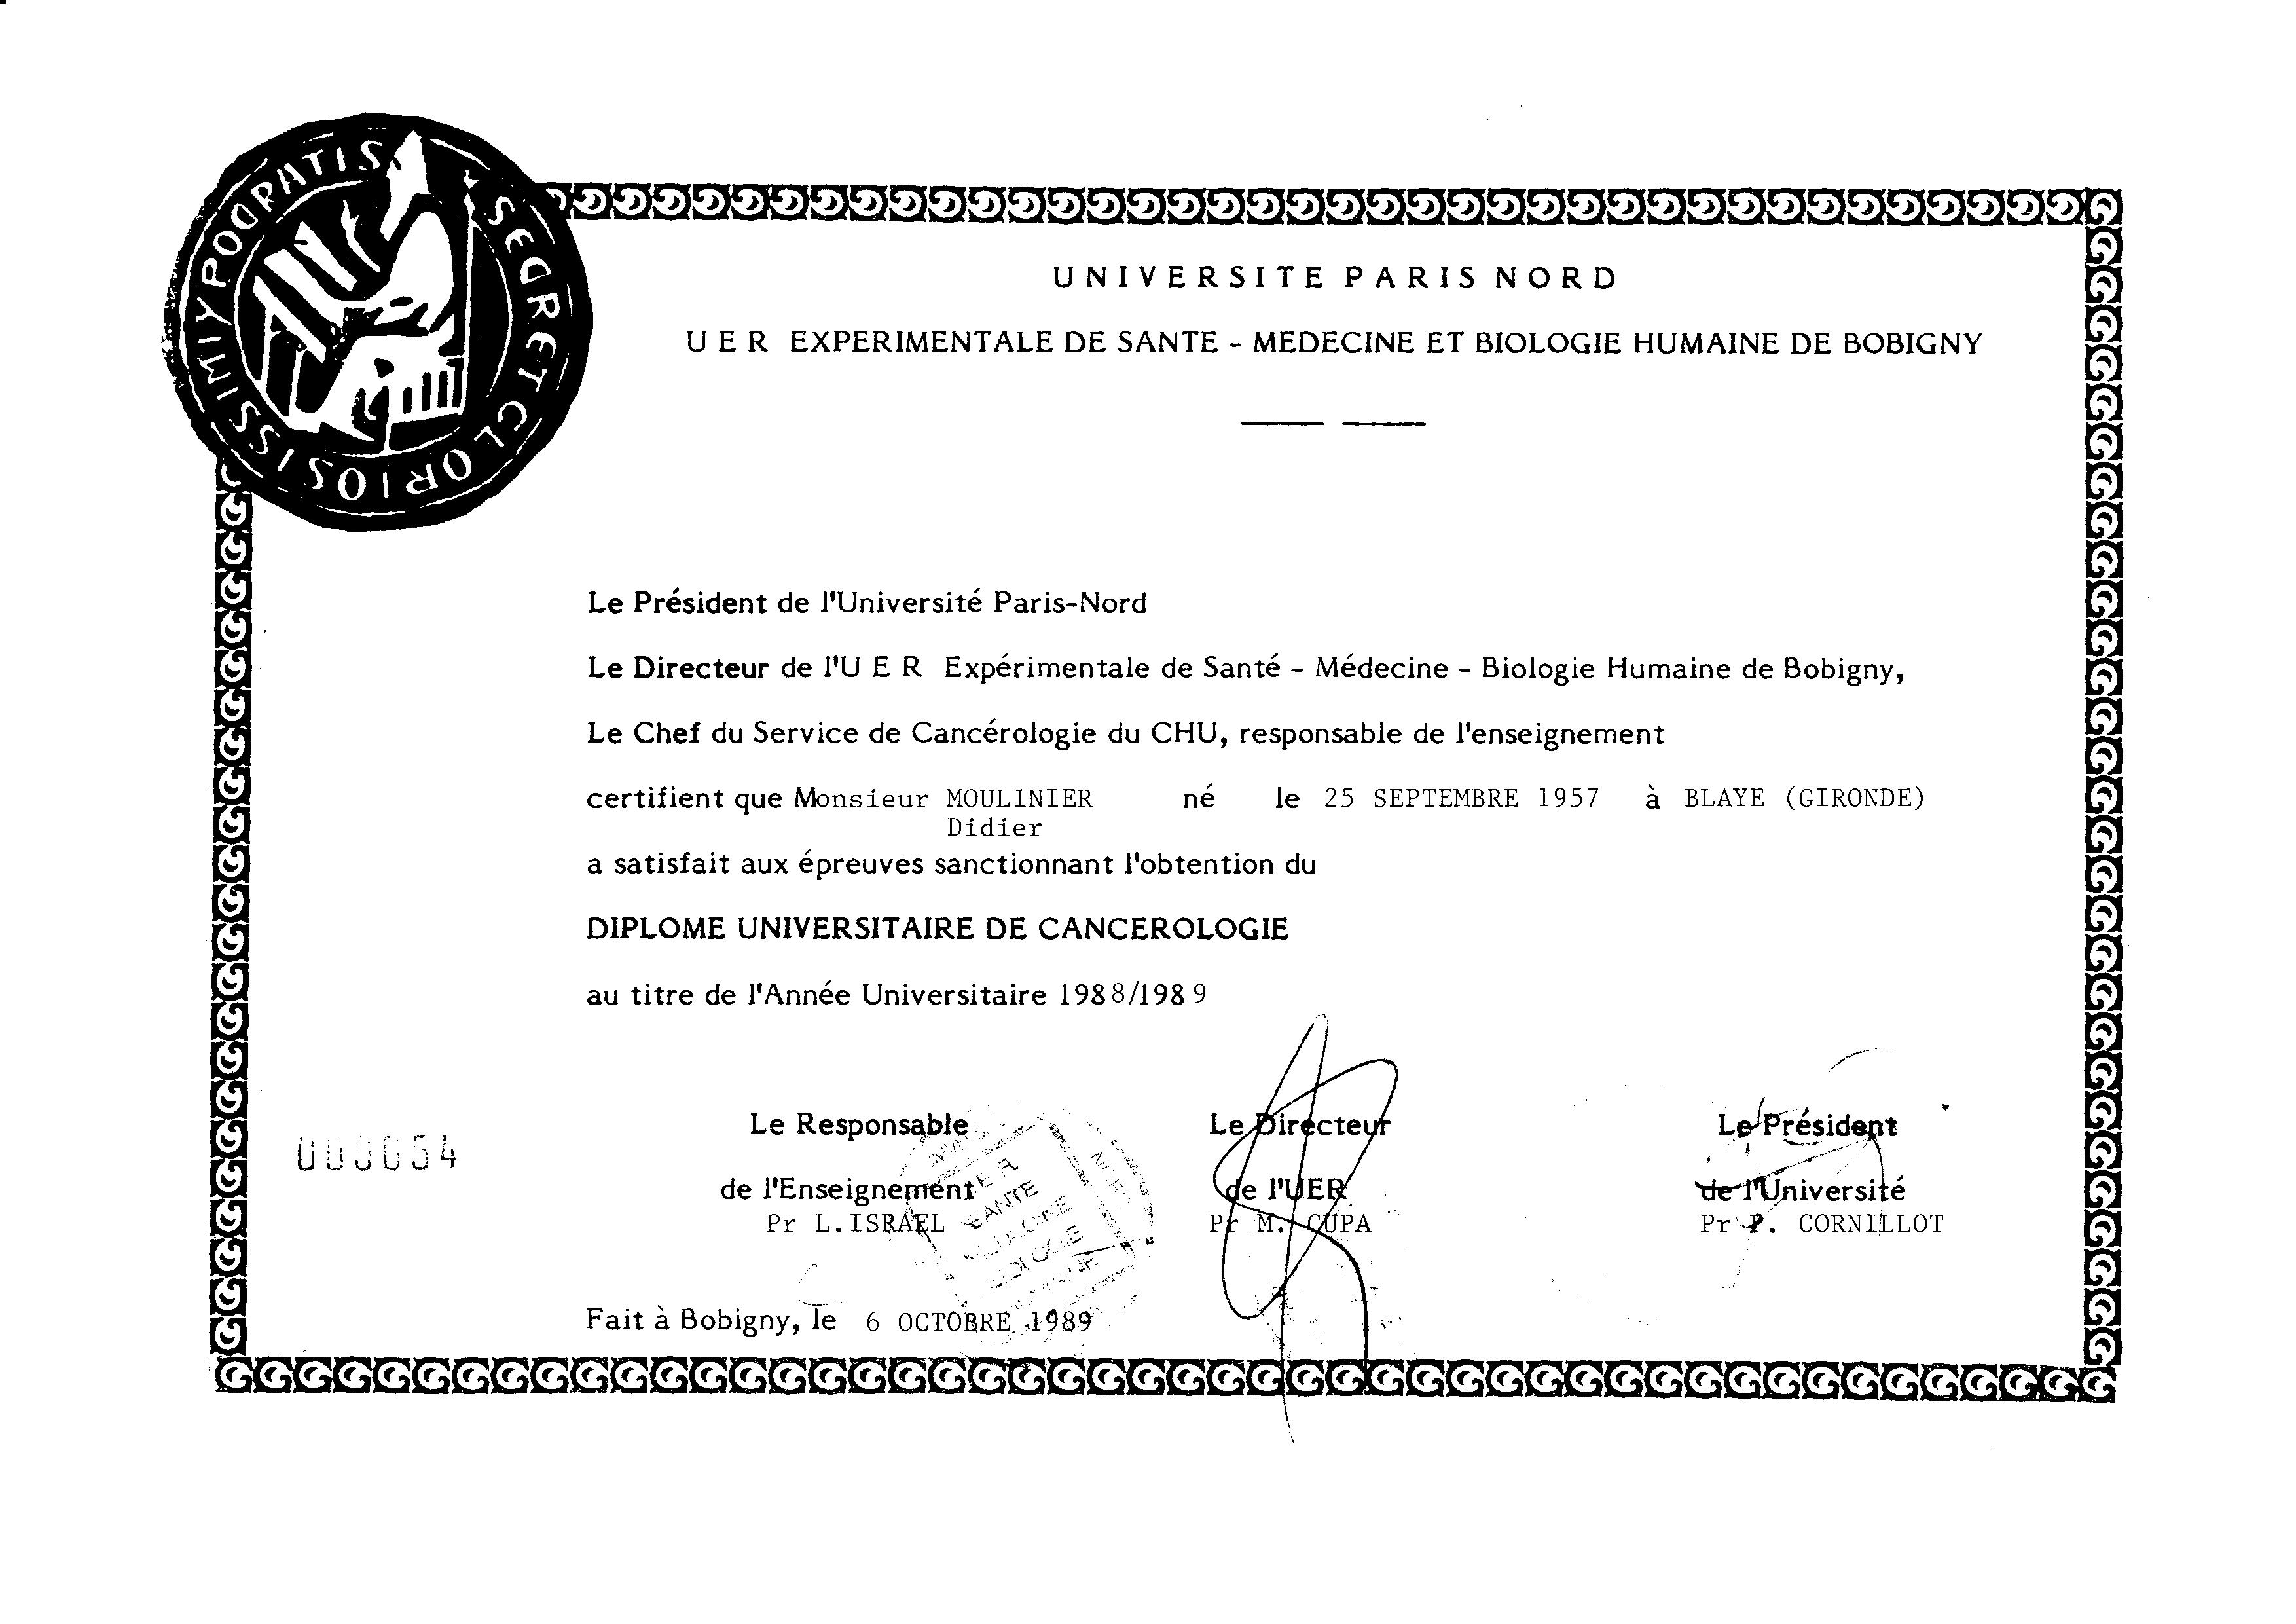 diplome universitaire kinesitherapie paris